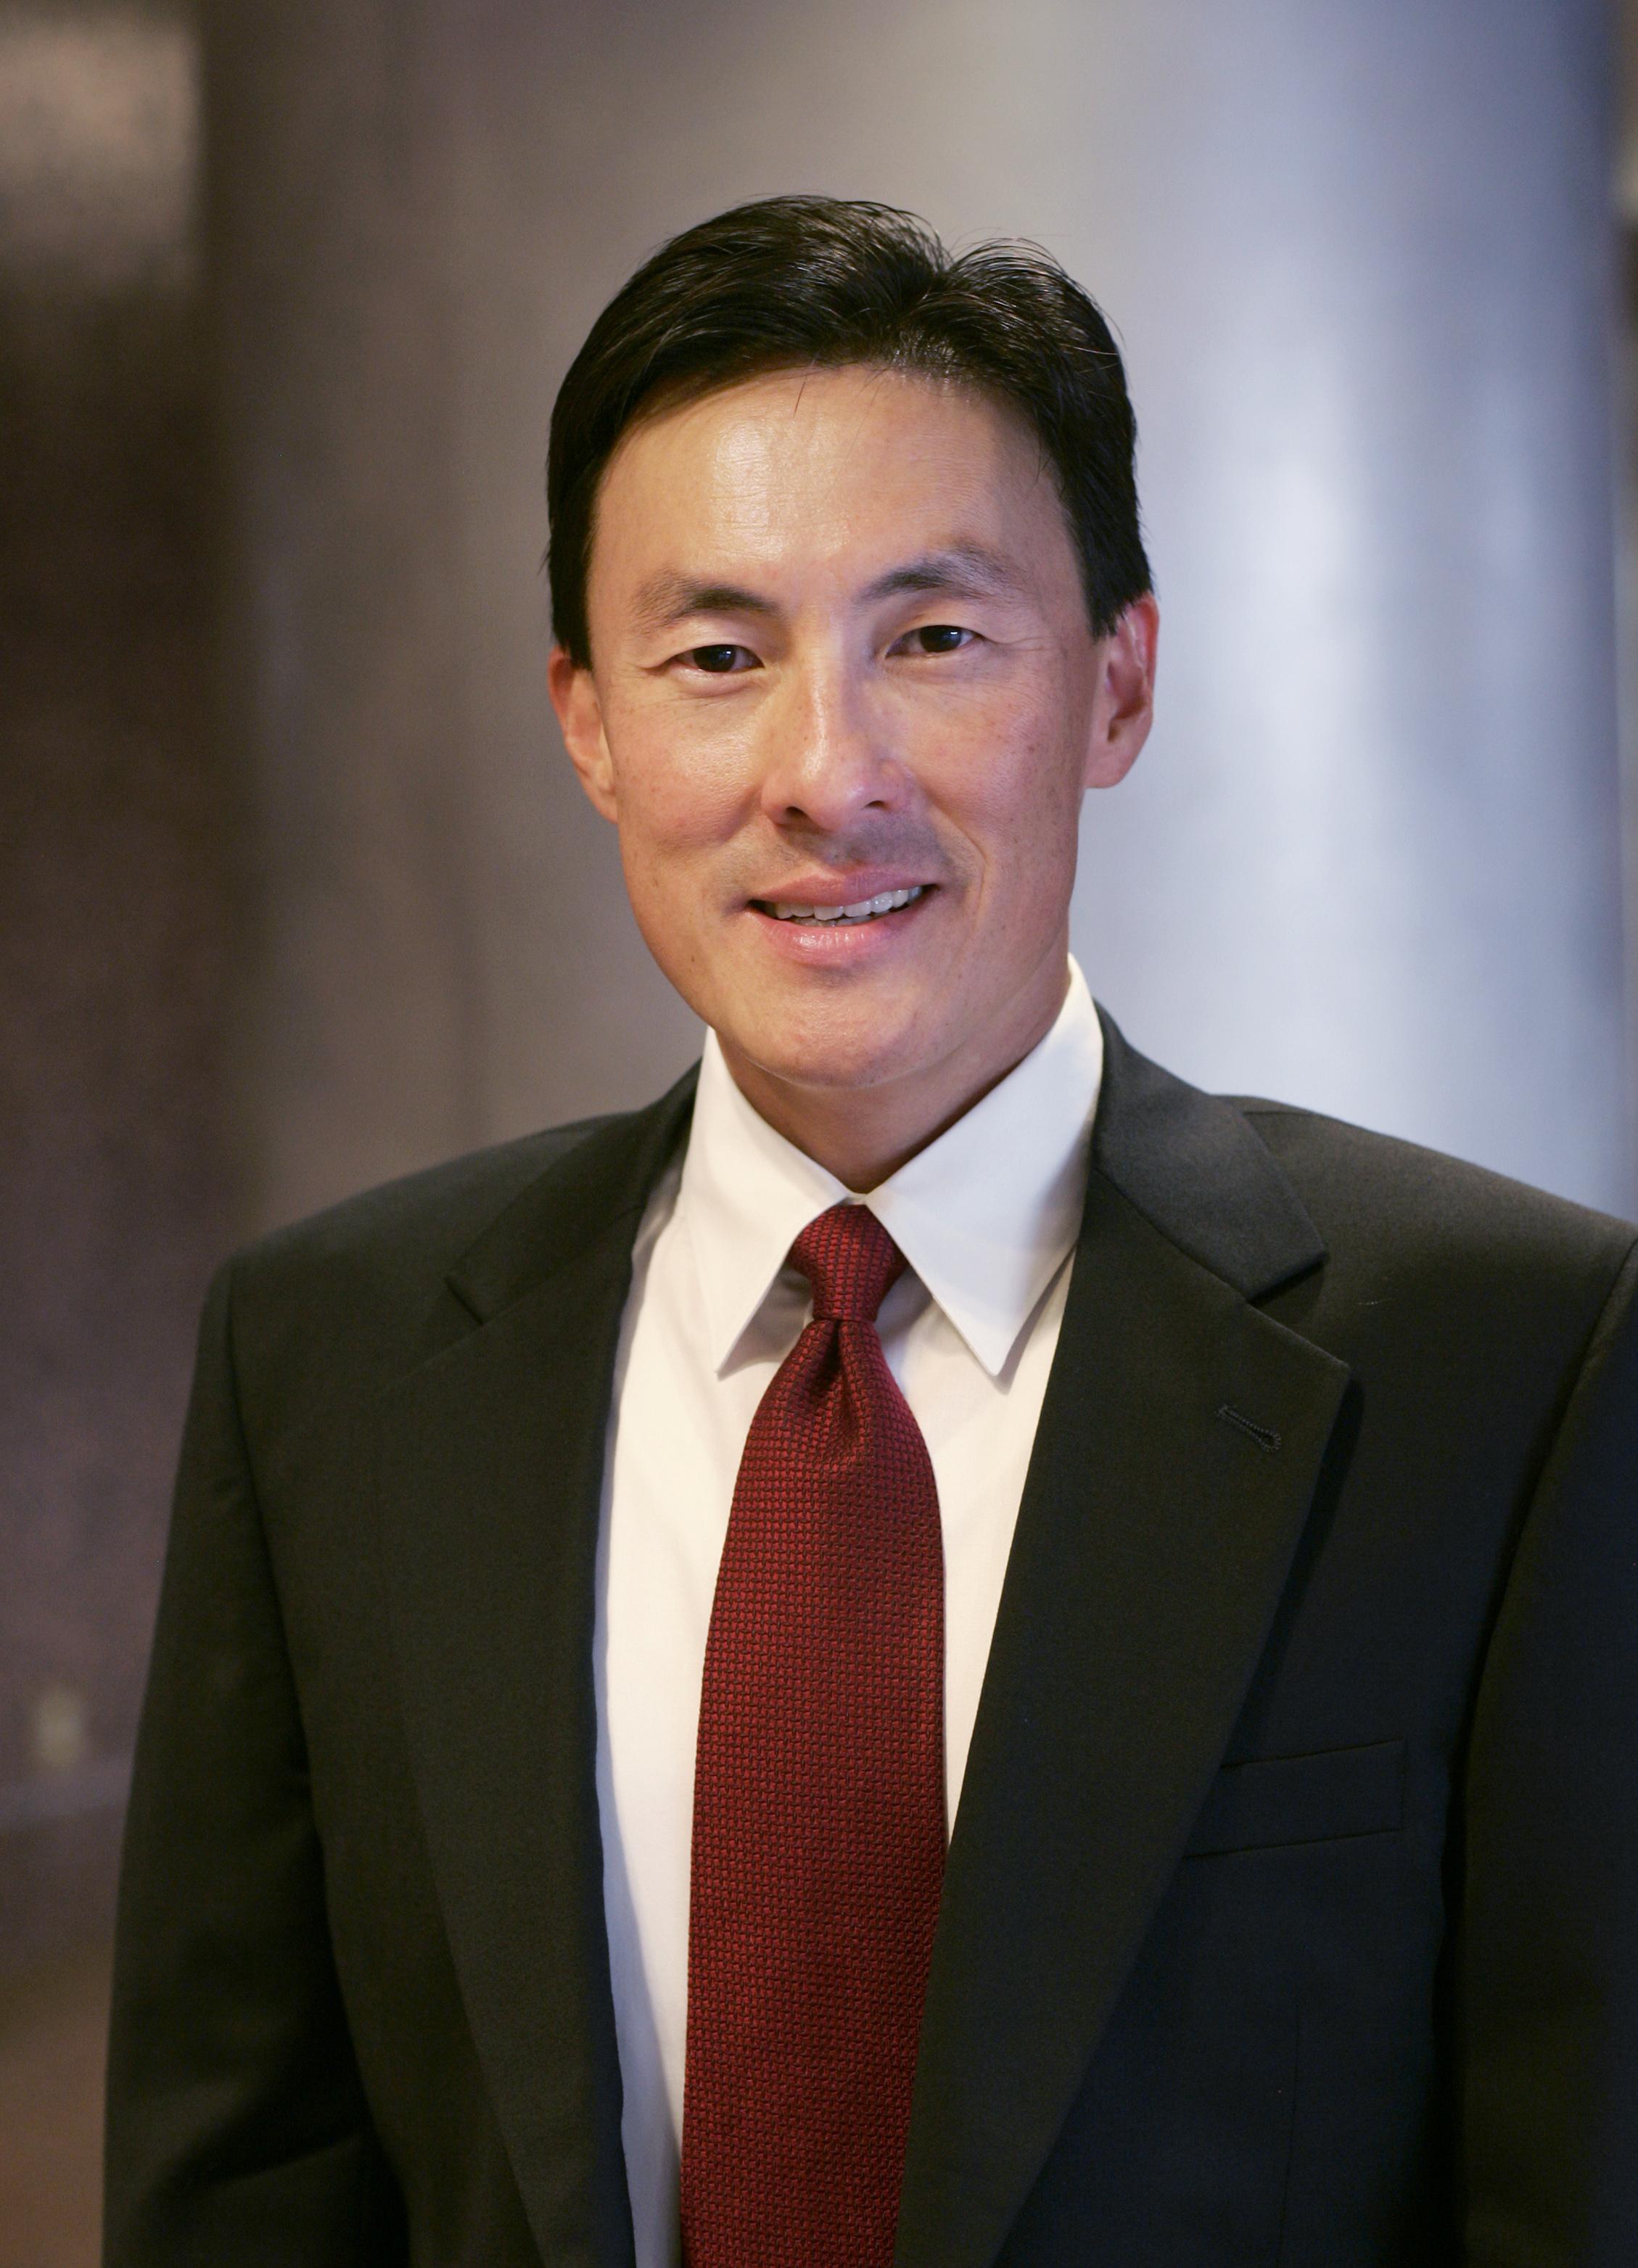 Delegate Mark Keam